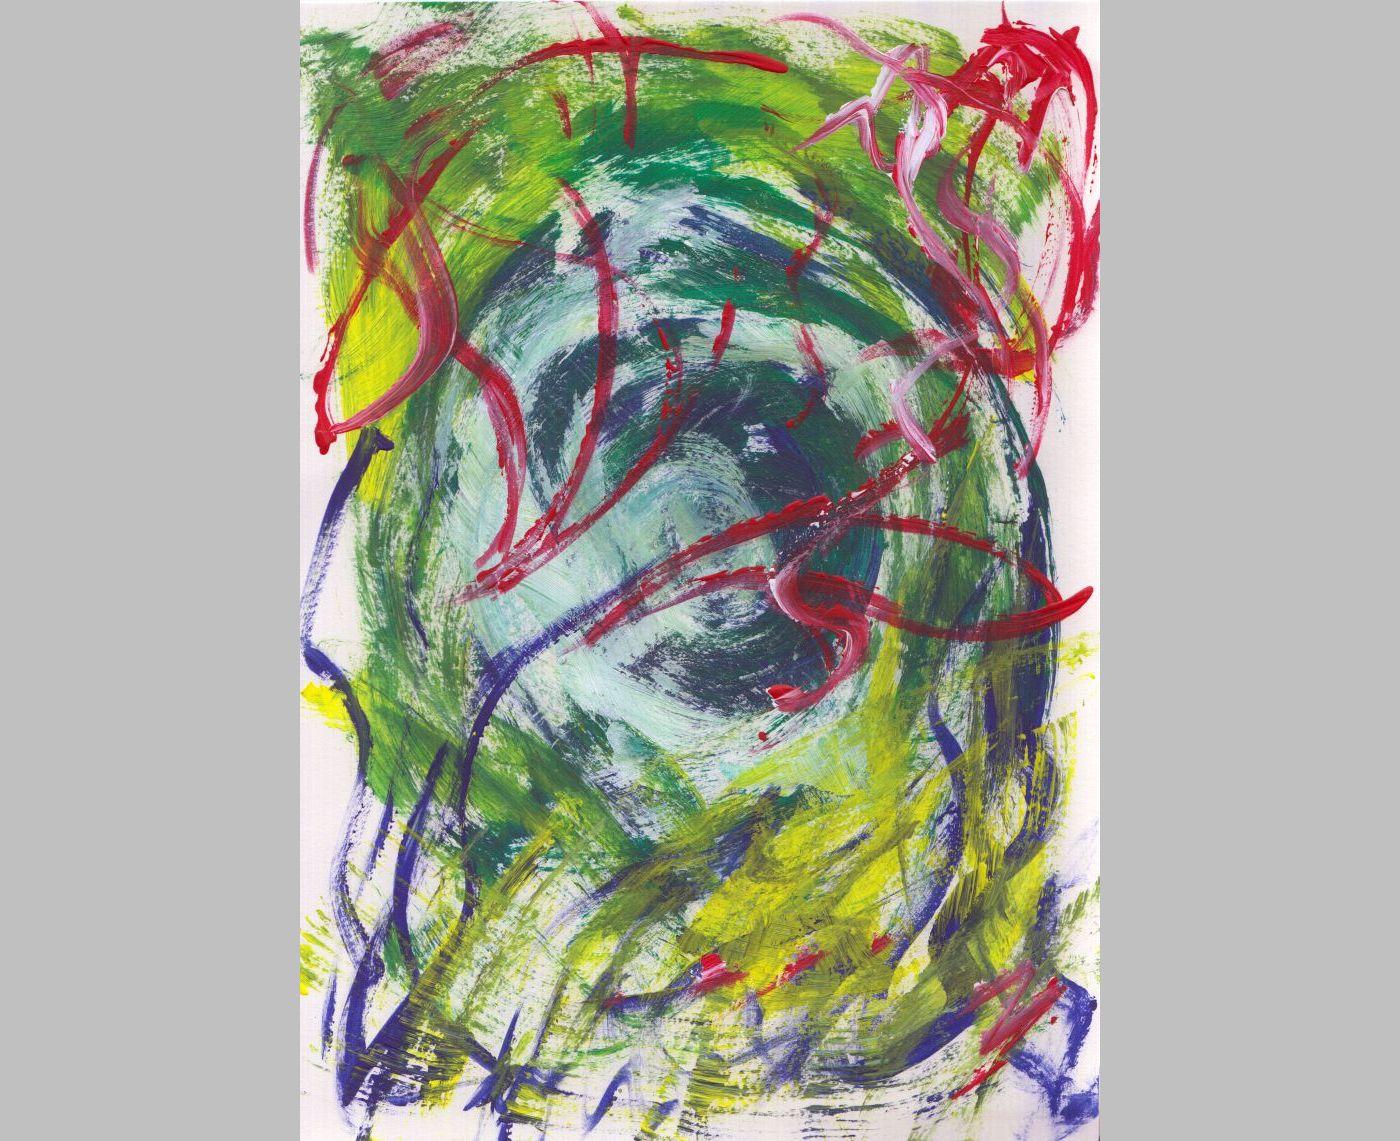 Geflügeltes Chaos (2013, 21 x 29,7 cm)